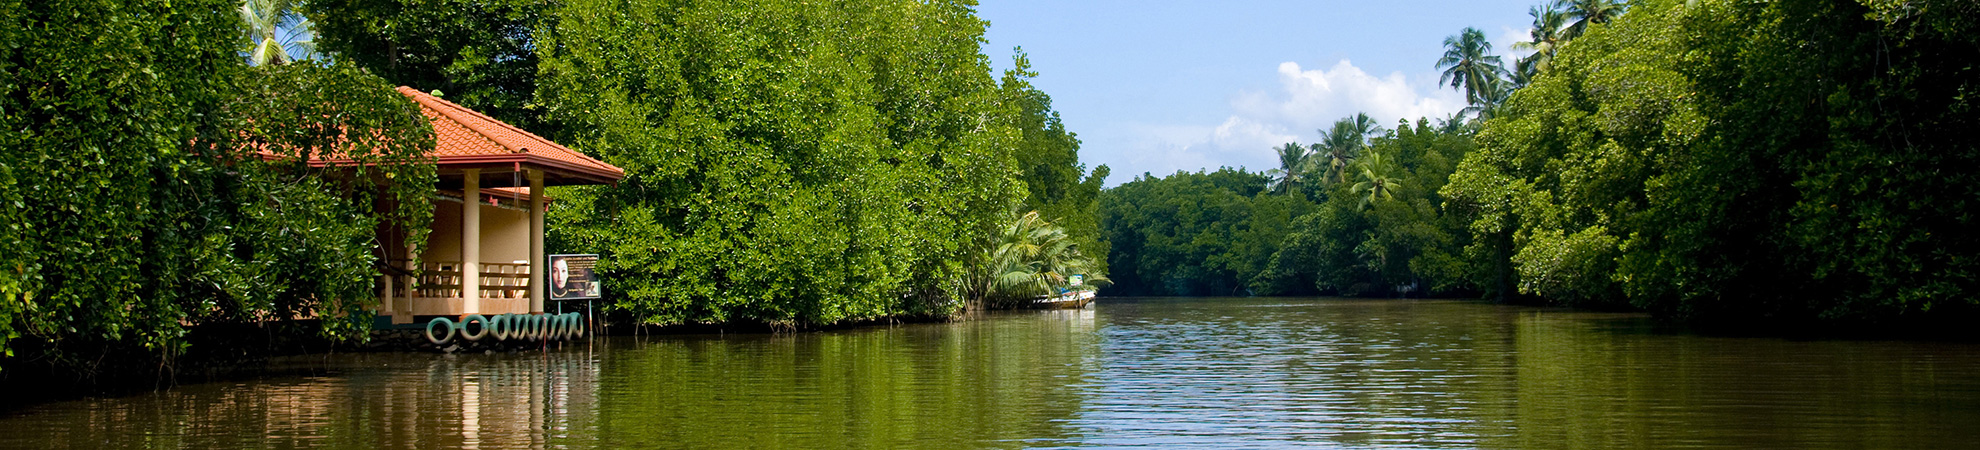 Balade en bateau sur la rivière Madu